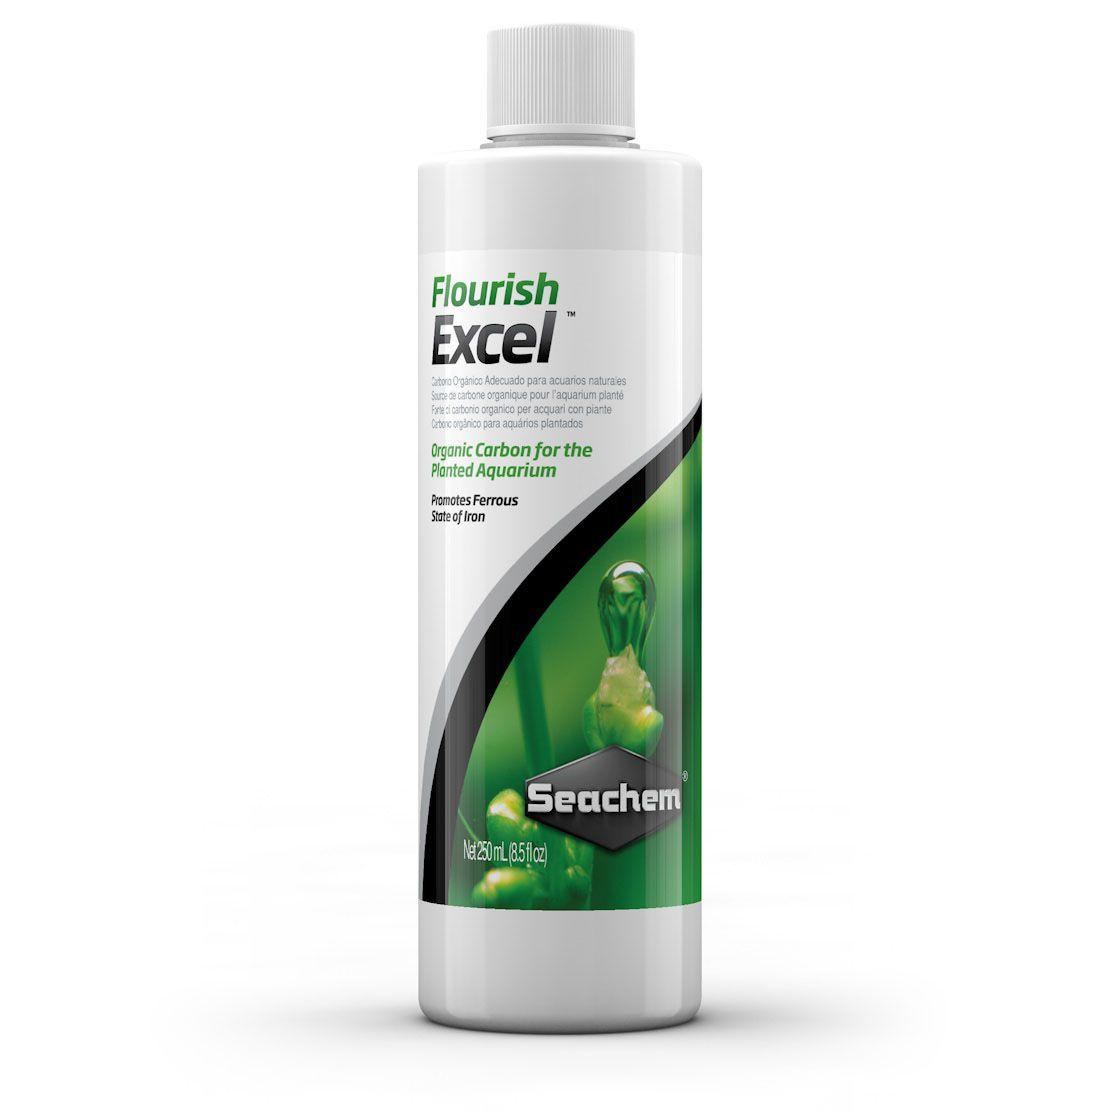 Seachem Flourish Excel Carbono Liquido Para Aquários